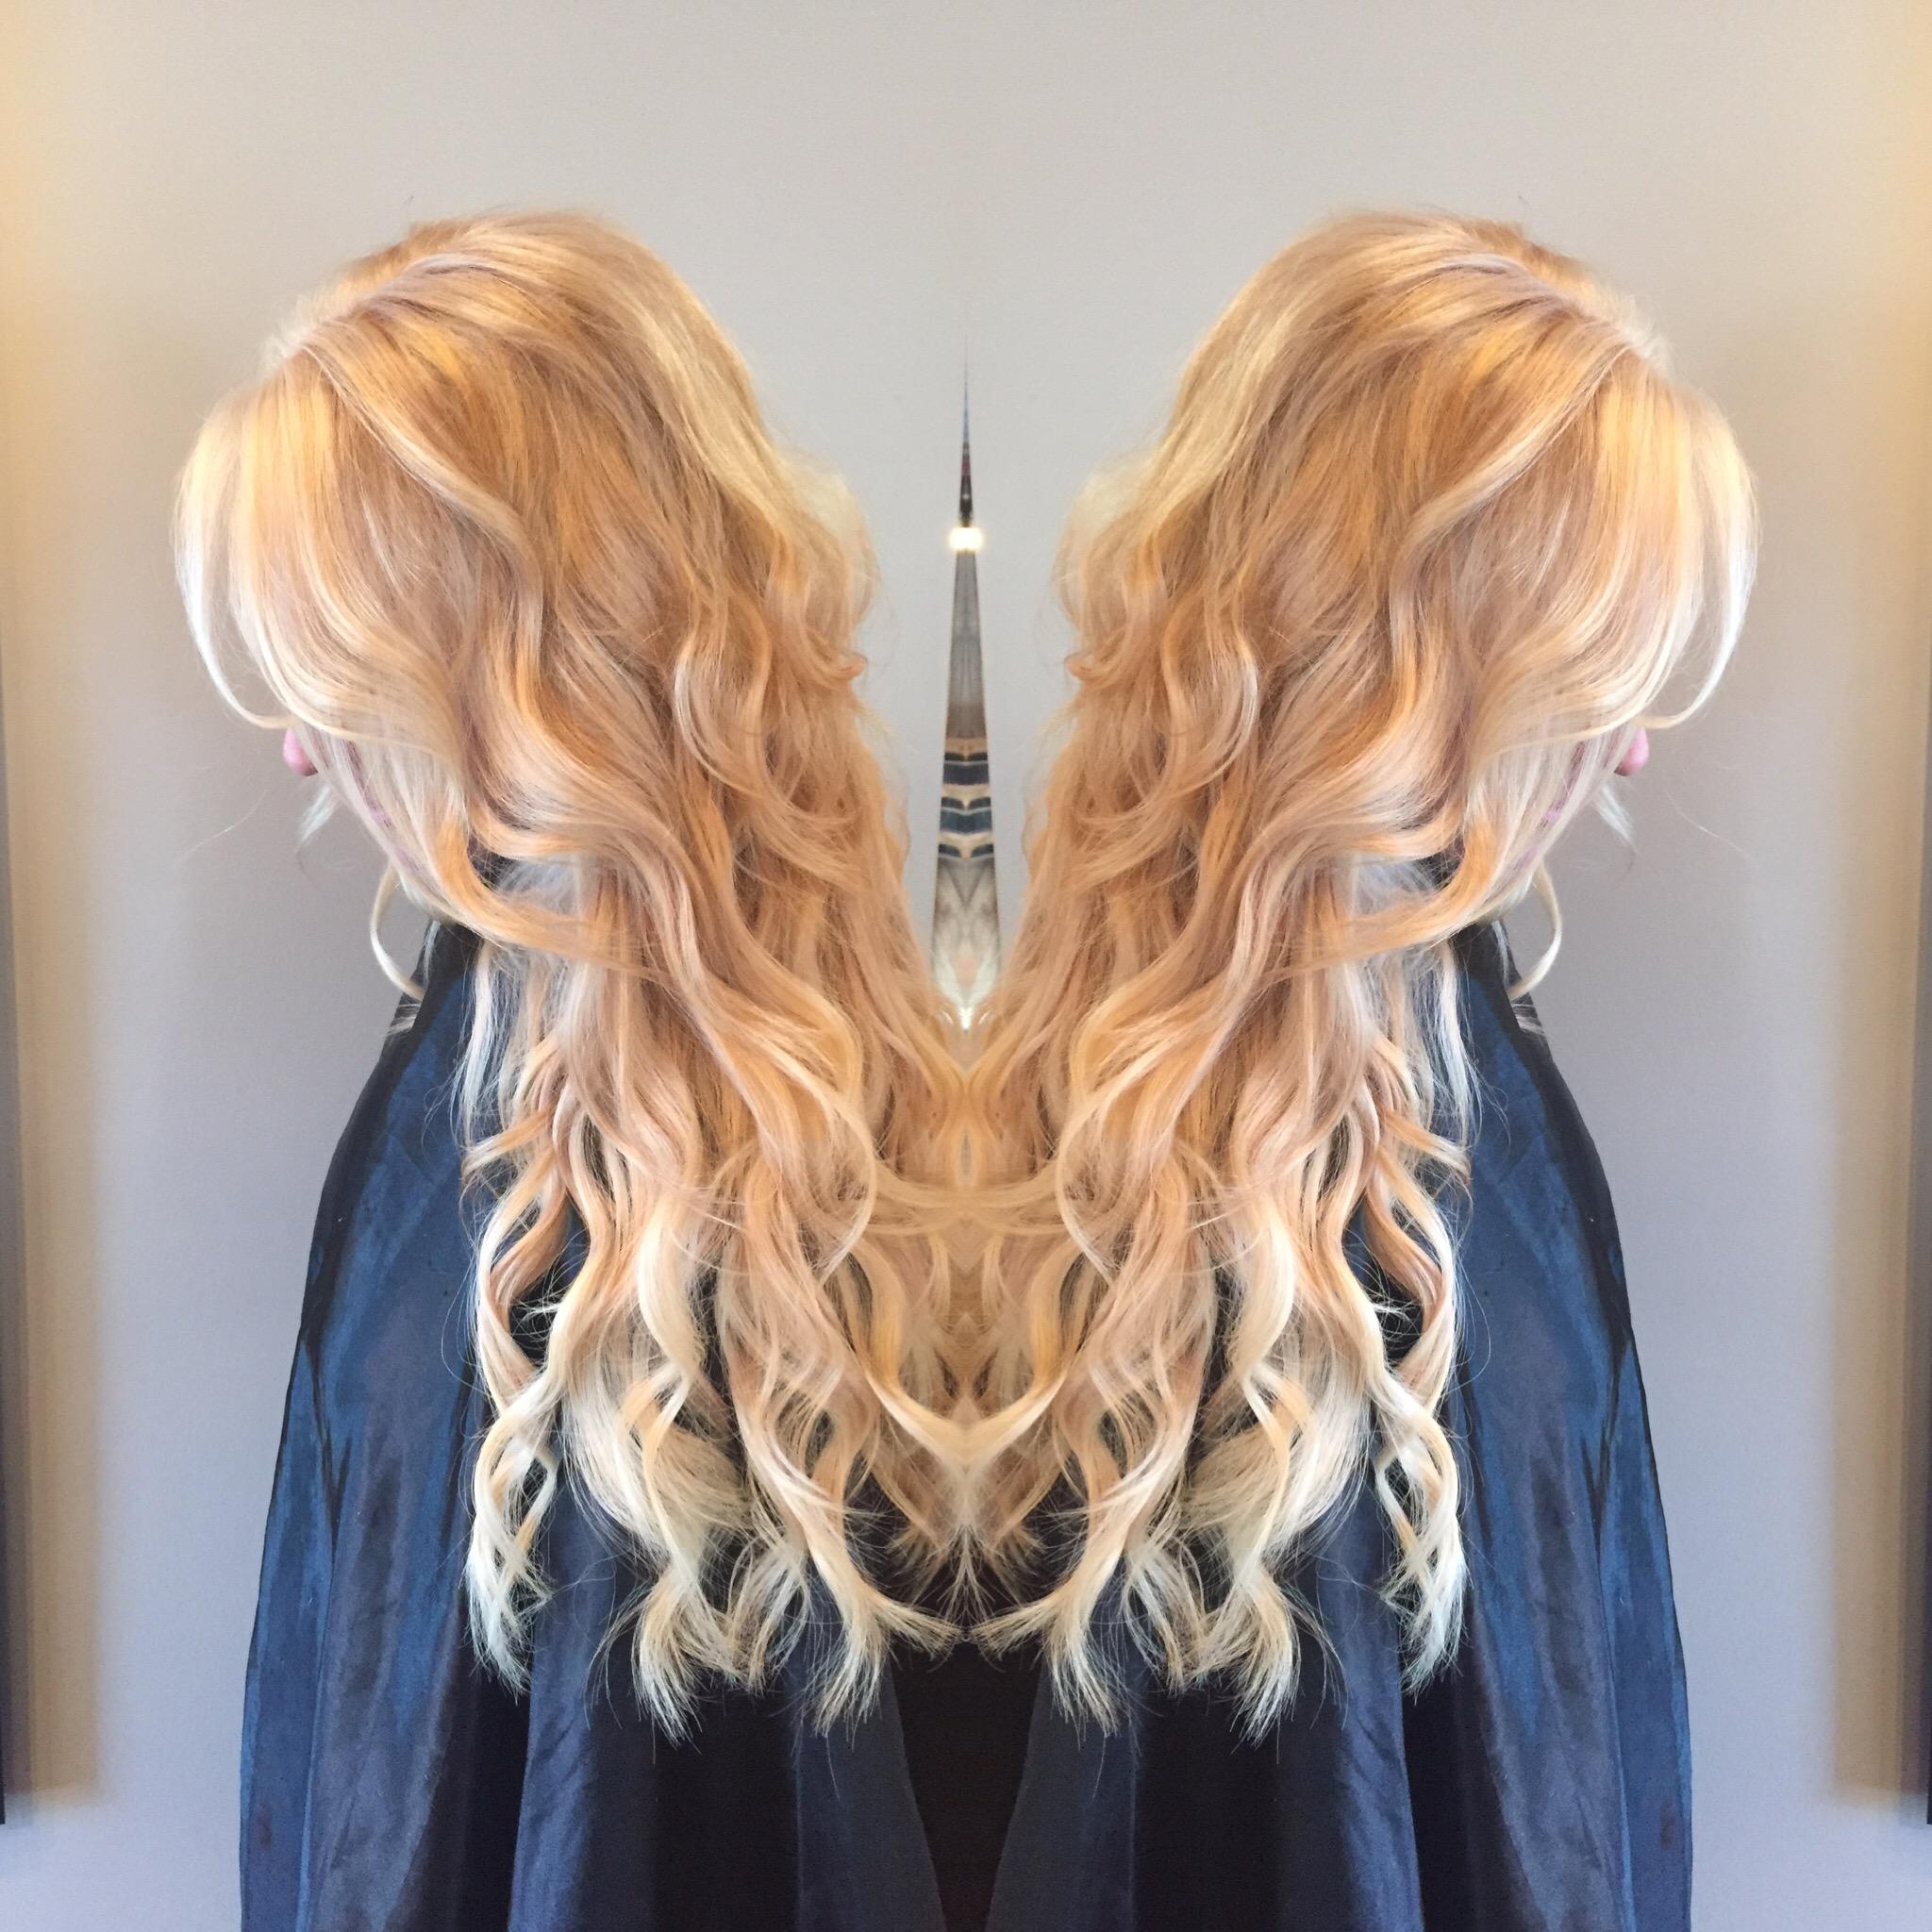 Image gallery mermaid hair - Mermaid Hair